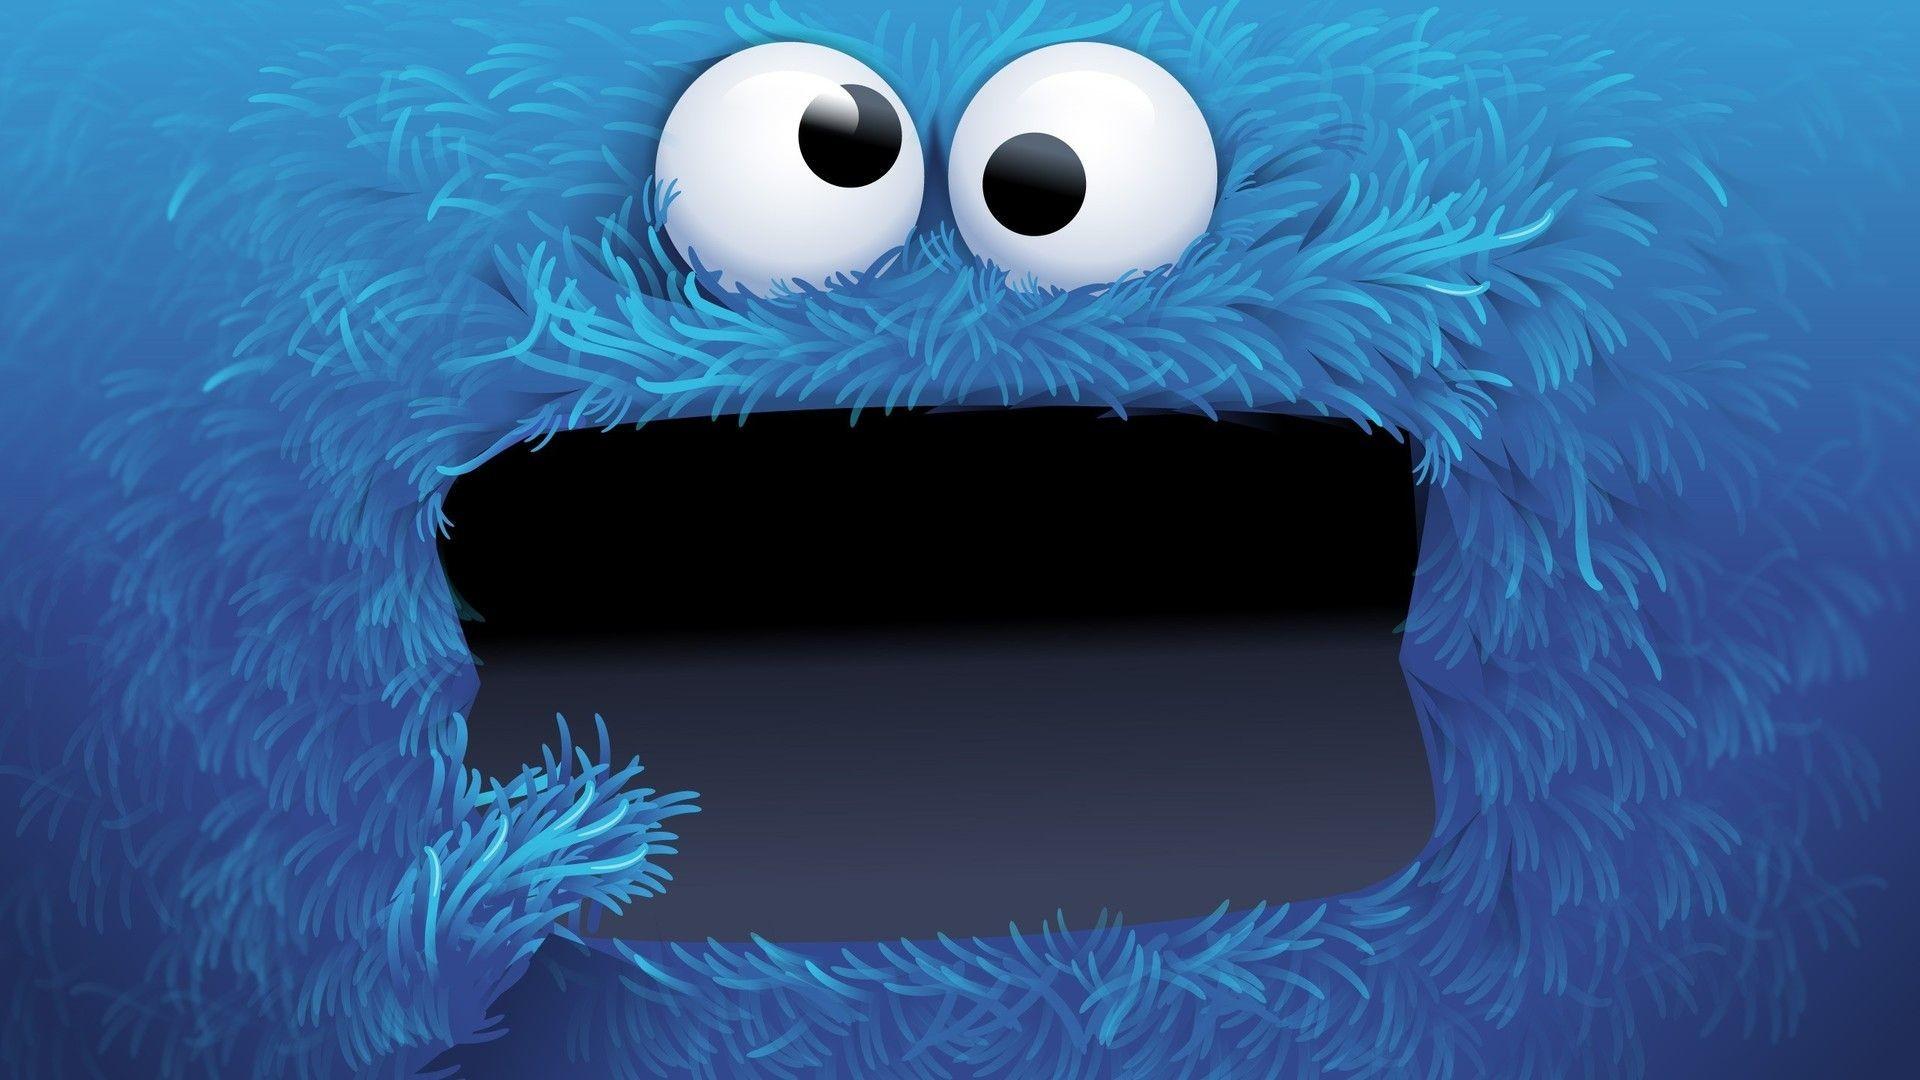 Res: 1920x1080, Sesame Street Screensaver | Cookie Monster HD Wallpaper - WallpaperSafari